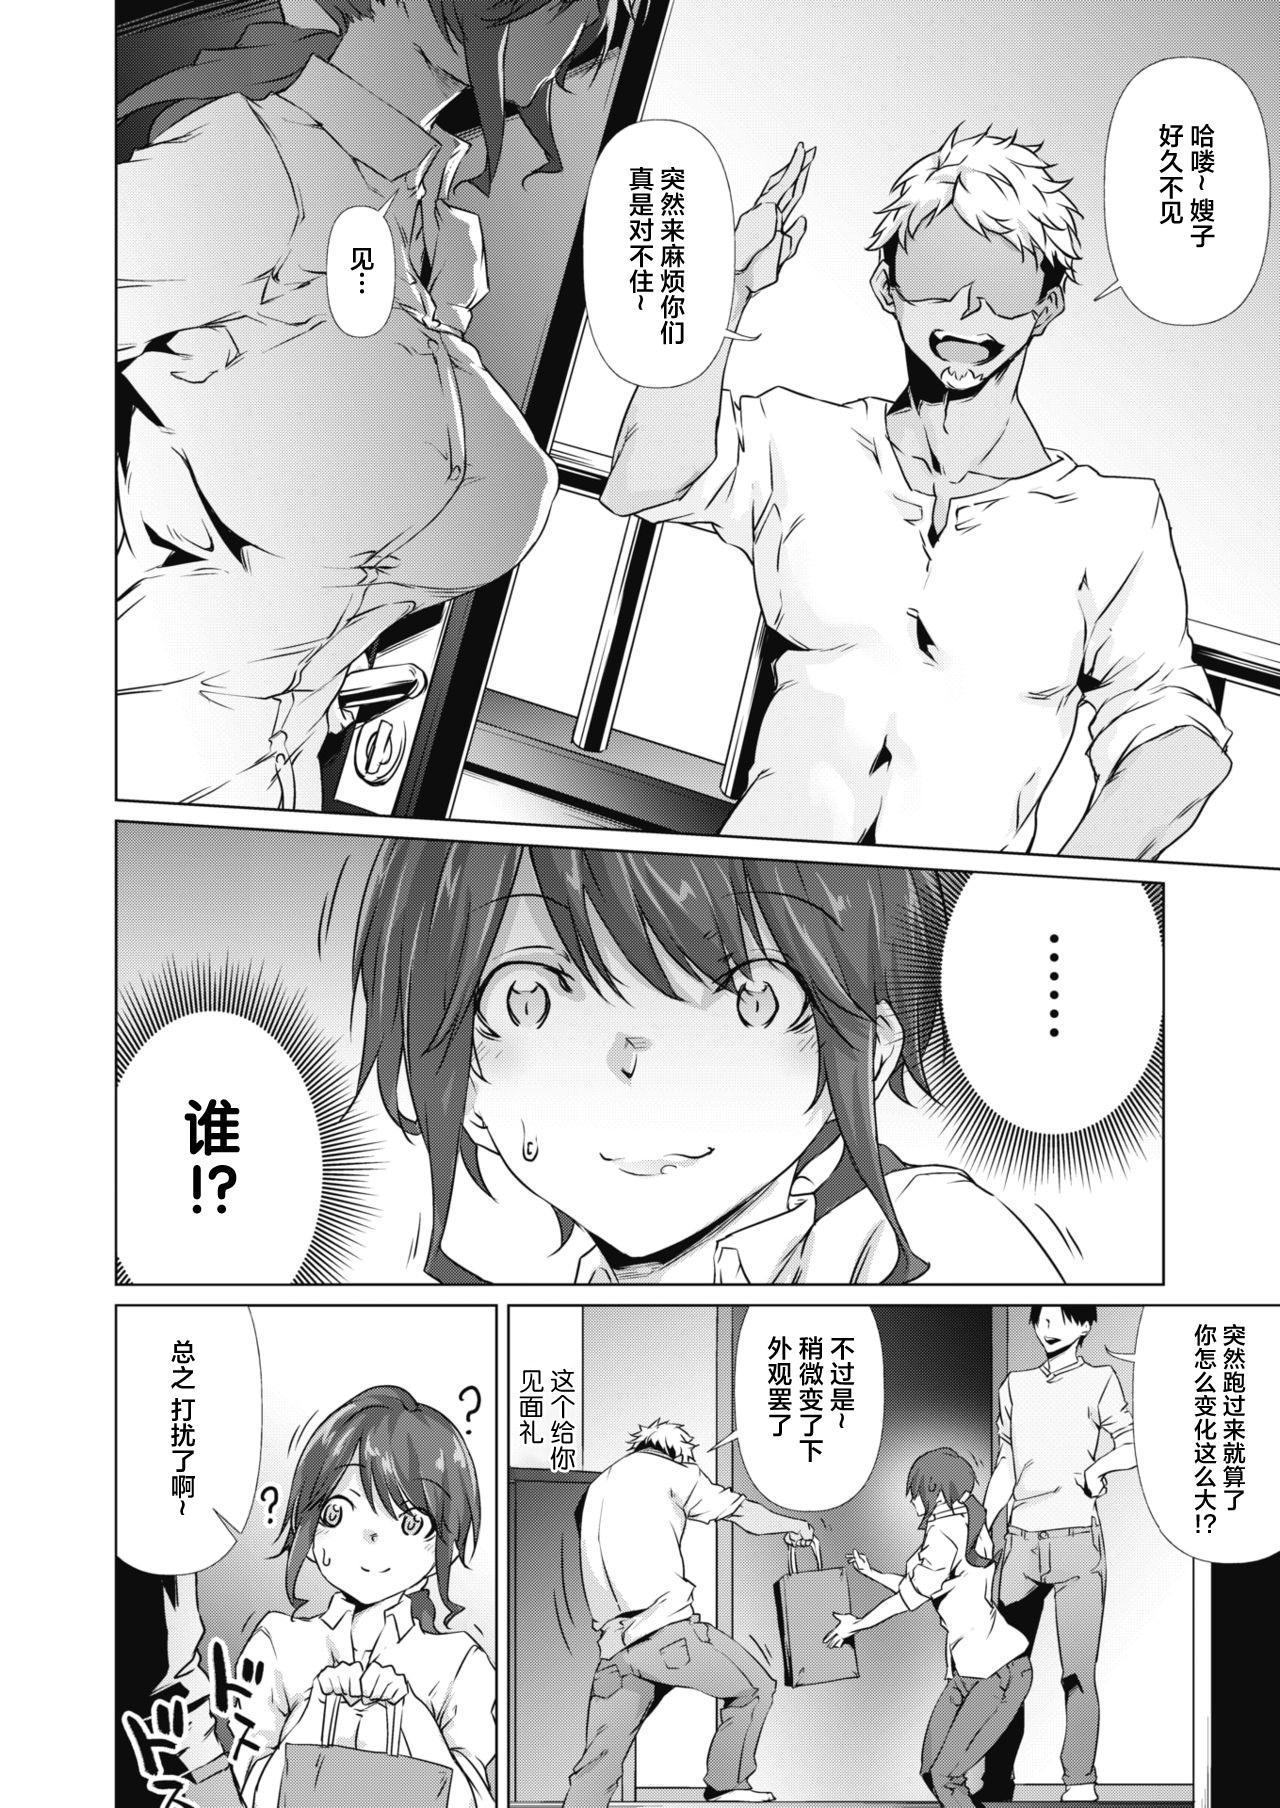 Soko ni Utsuru Kao ha 2